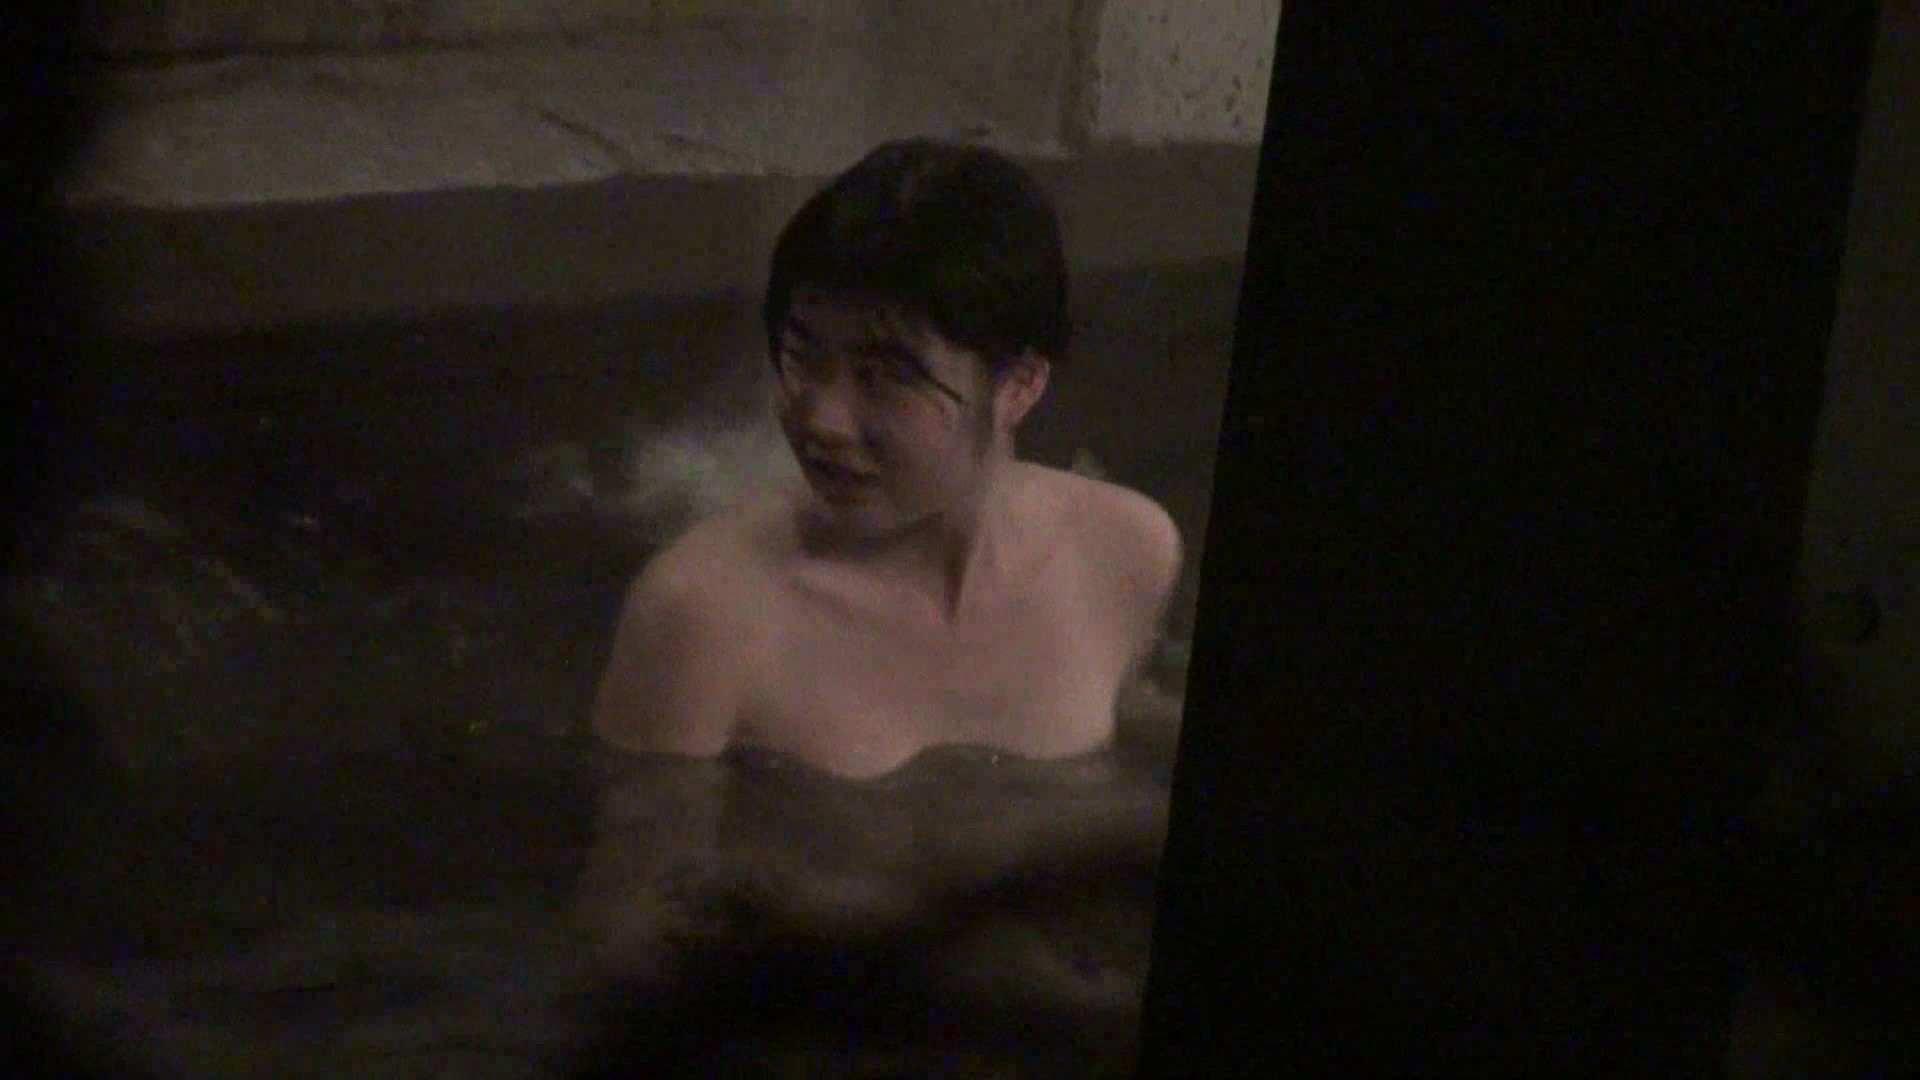 Aquaな露天風呂Vol.343 盗撮 | 露天  62画像 46